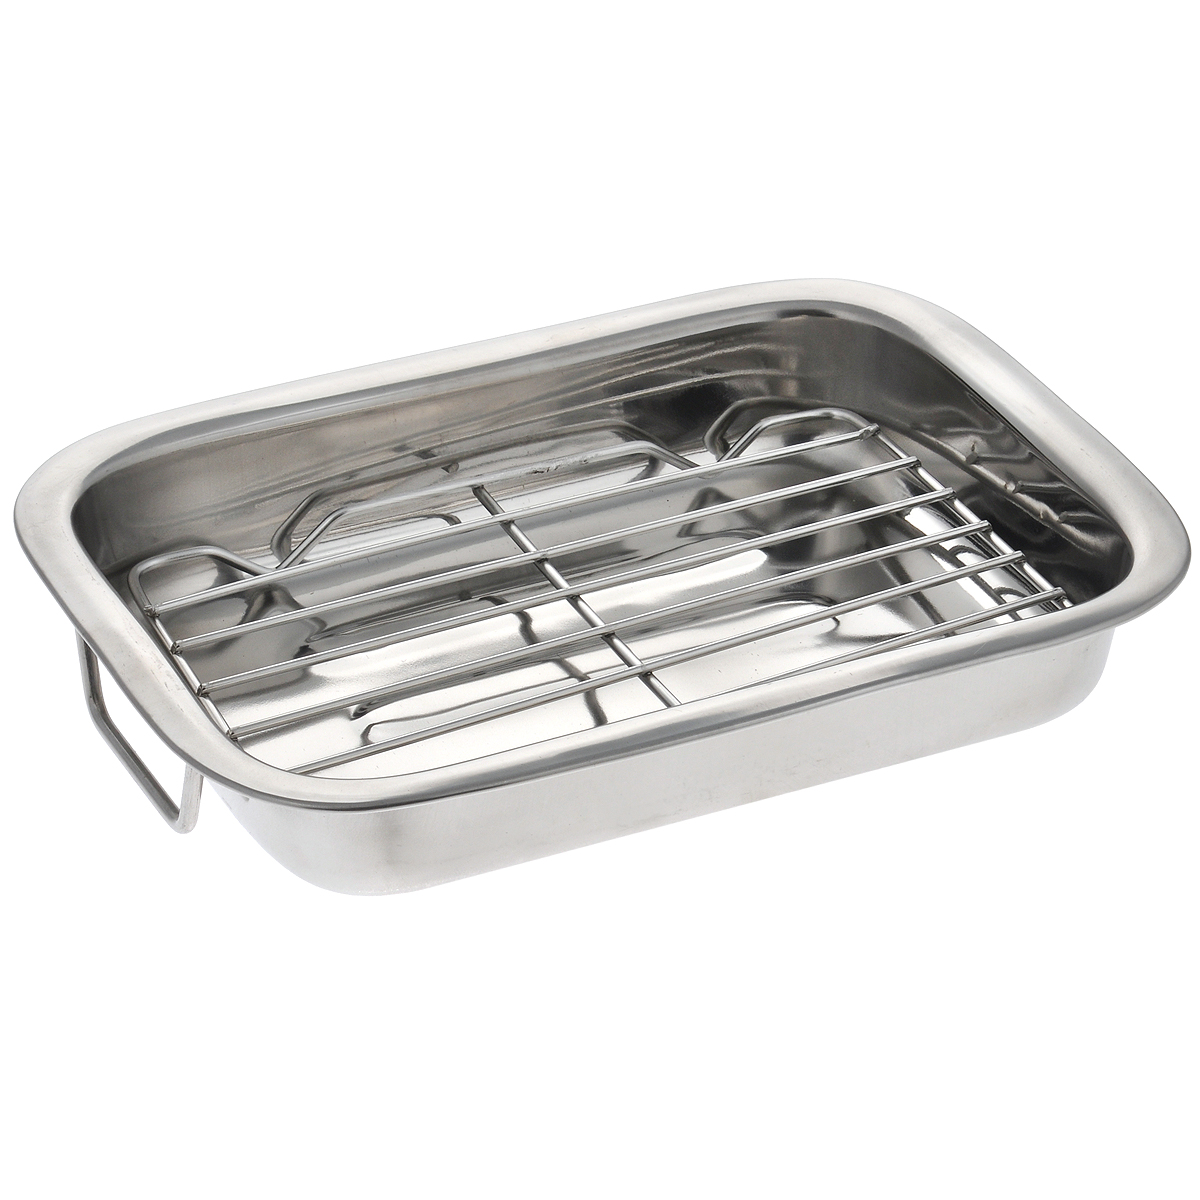 """Форма для запекания """"Padia"""" изготовлена из высококачественной нержавеющей  стали с матовой поверхностью внутри и снаружи. Загнутые округлые бока удобны  в эксплуатации. Изделие имеет прямоугольную форму, отличается  вместительностью. Форма идеальна для приготовления лазаньи, а также  запекания мяса  и овощей.  В комплекте - решетка-гриль. Удобные подвижные ручки позволяют  легко переносить форму.   Можно использовать в духовом шкафу и мыть в посудомоечной машине. Размер формы (по верхнему краю): 26 см х 20 см. Высота стенки формы: 4 см. Размер решетки-гриль: 15 см х 20 см х 1,5 см."""